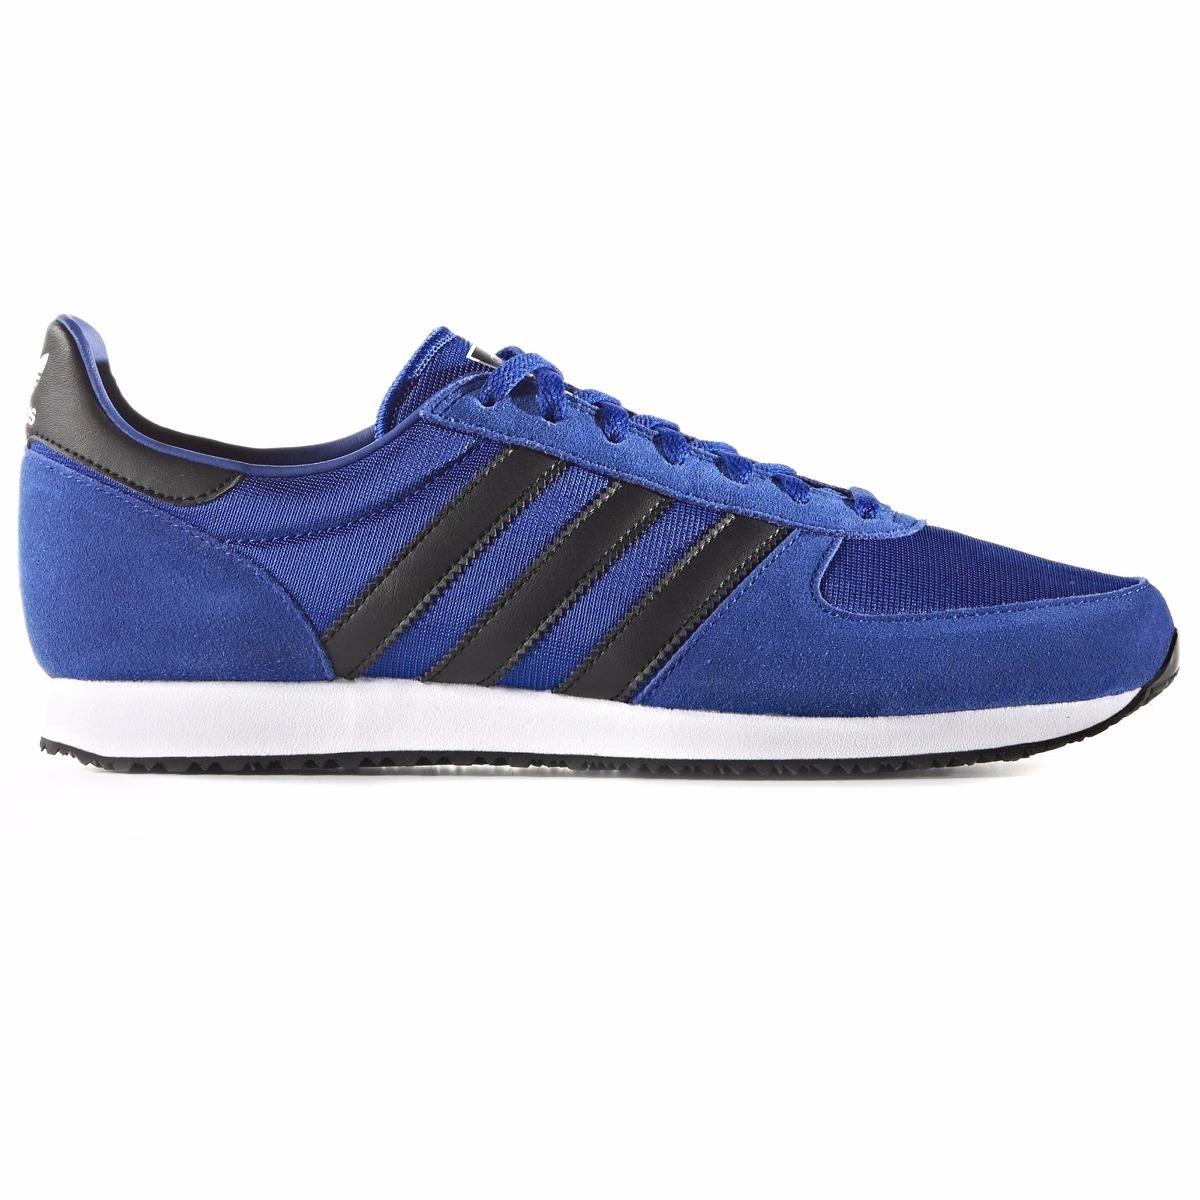 69c8182126a tênis adidas zx racer - corrida - caminhada - original. Carregando zoom.